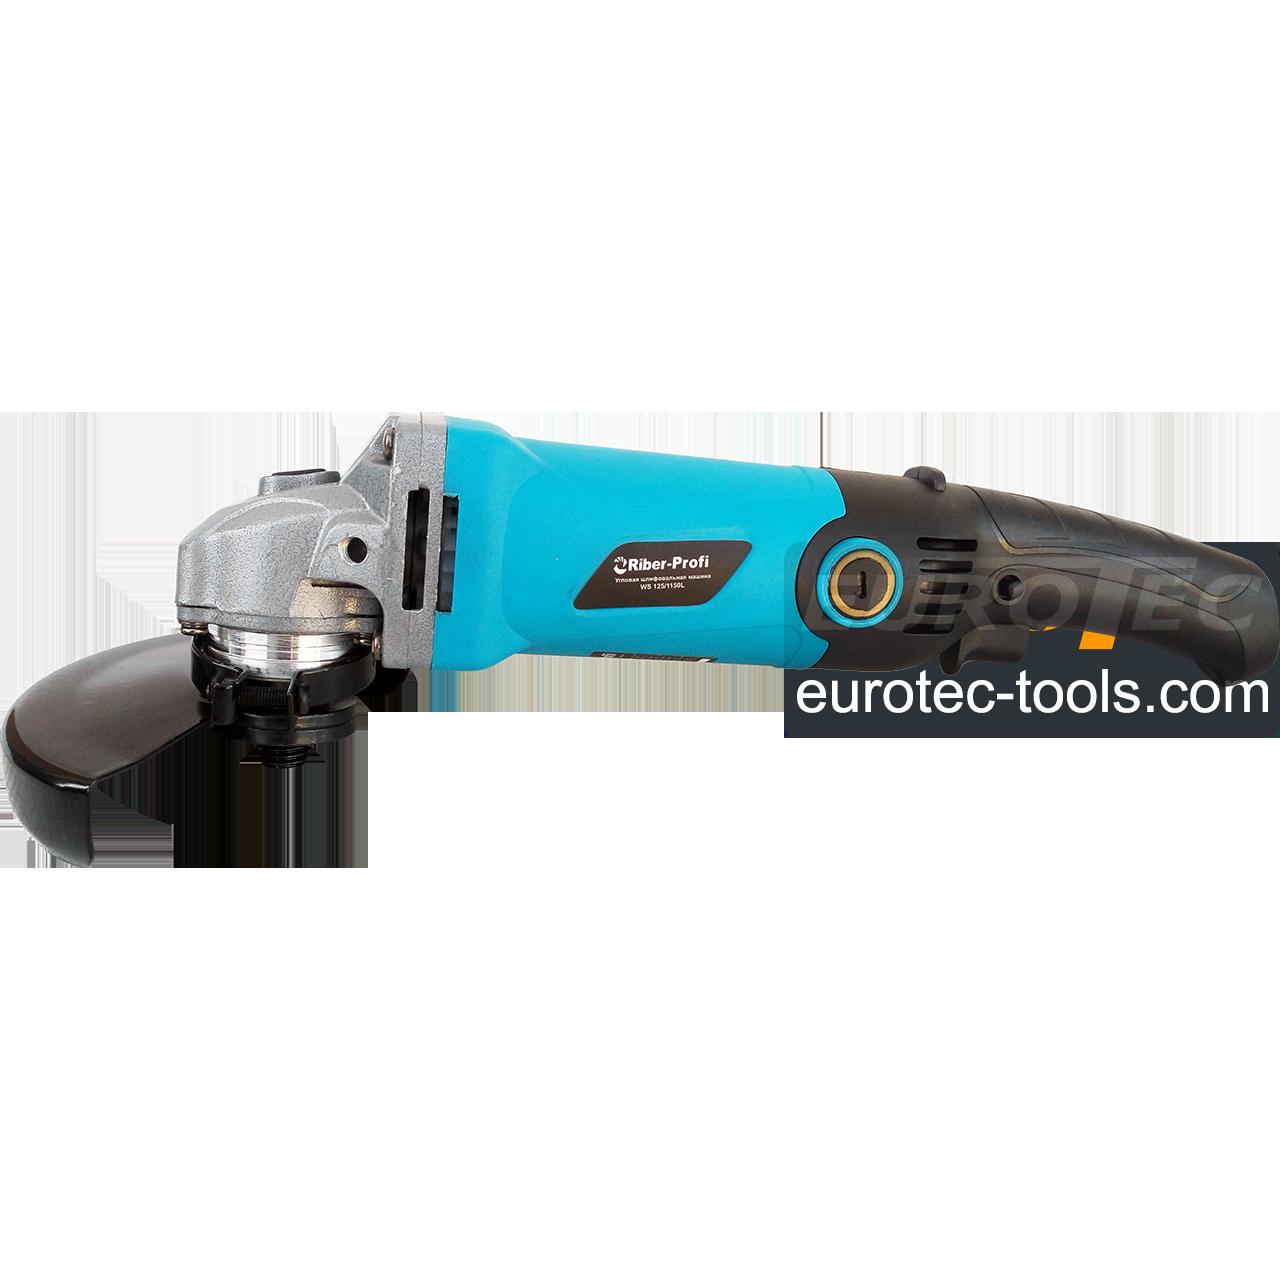 Болгарка с длинной ручкой 125 мм Riber WS 125-1150L, углошлифовальная машина, угловая шлифмашина, УШМ КШМ